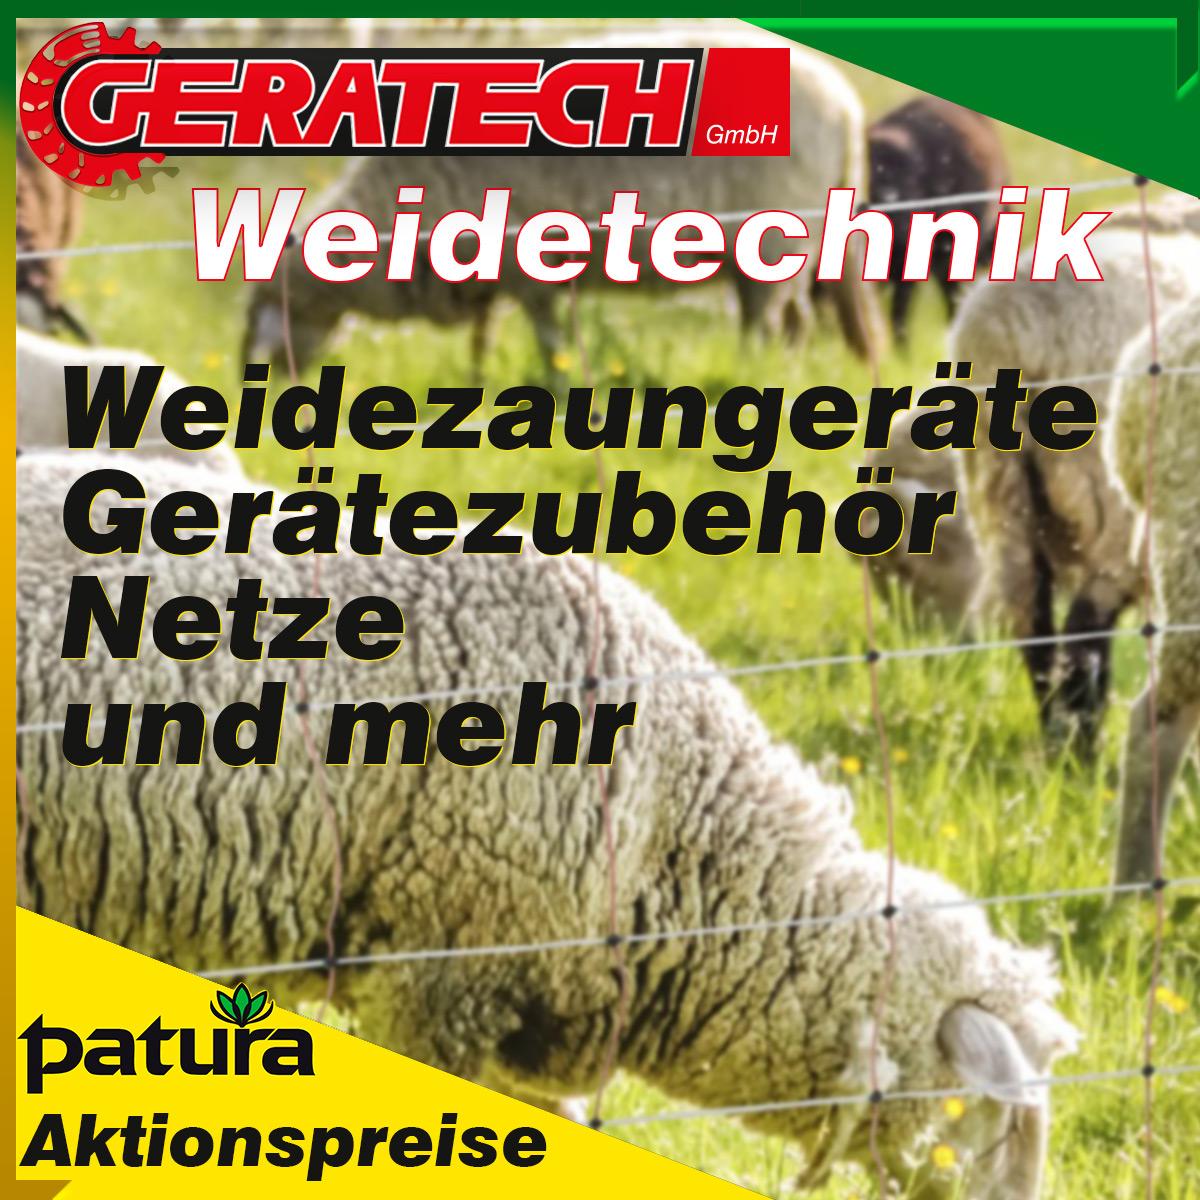 Patura Weidetechnik Aktionspreise bei Geratech